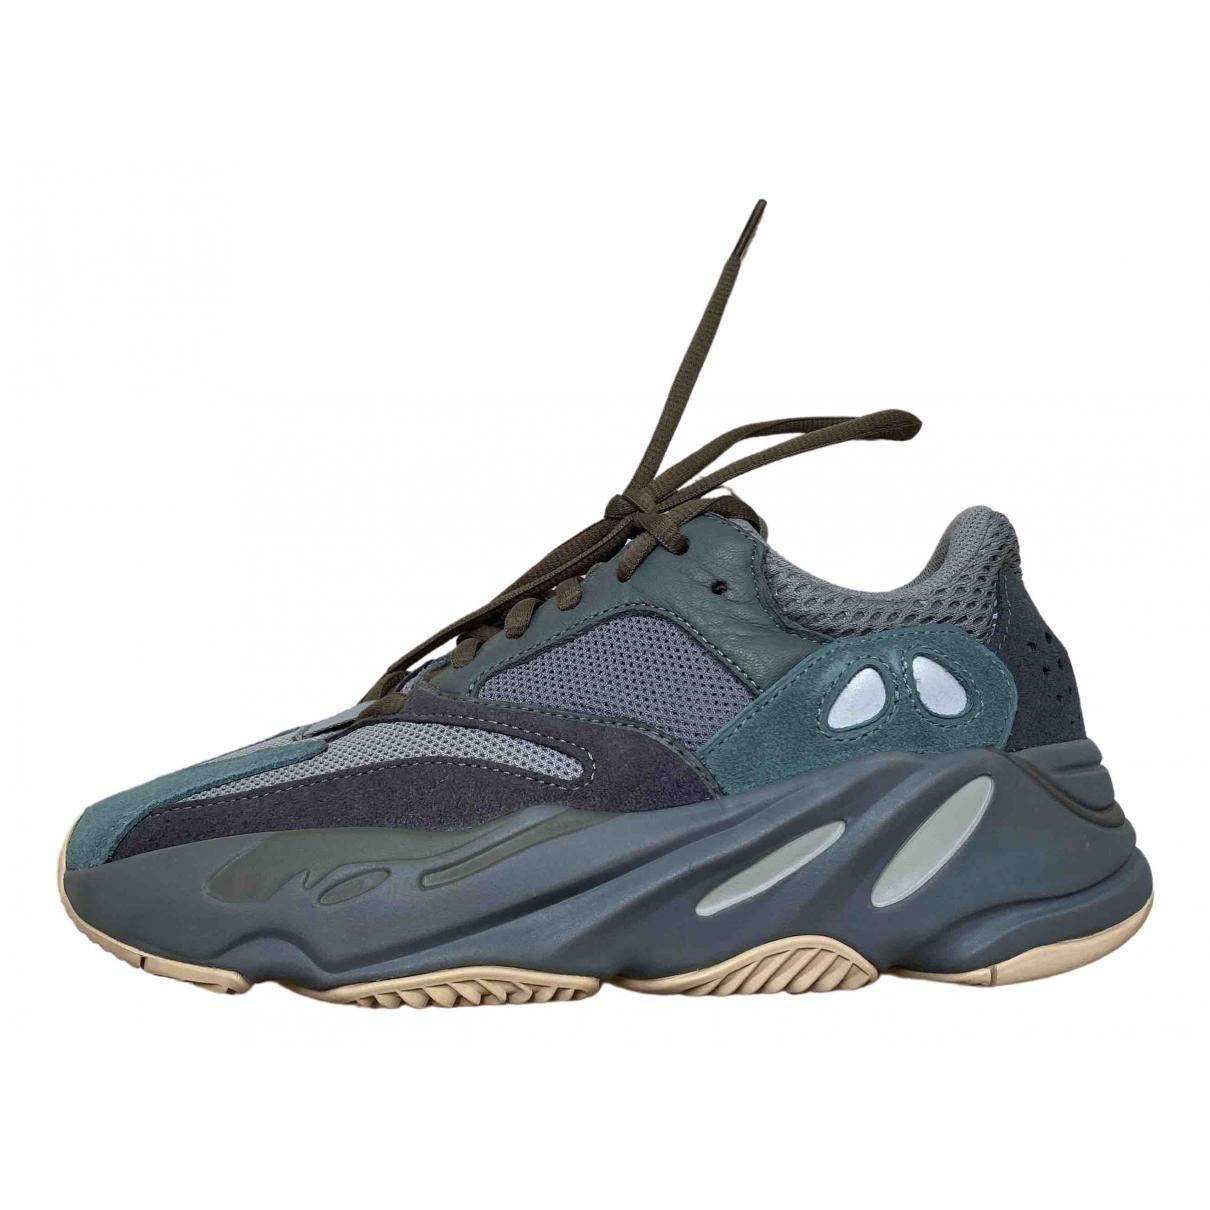 Yeezy X Adidas - Baskets Boost 700 V2 pour femme en suede - gris